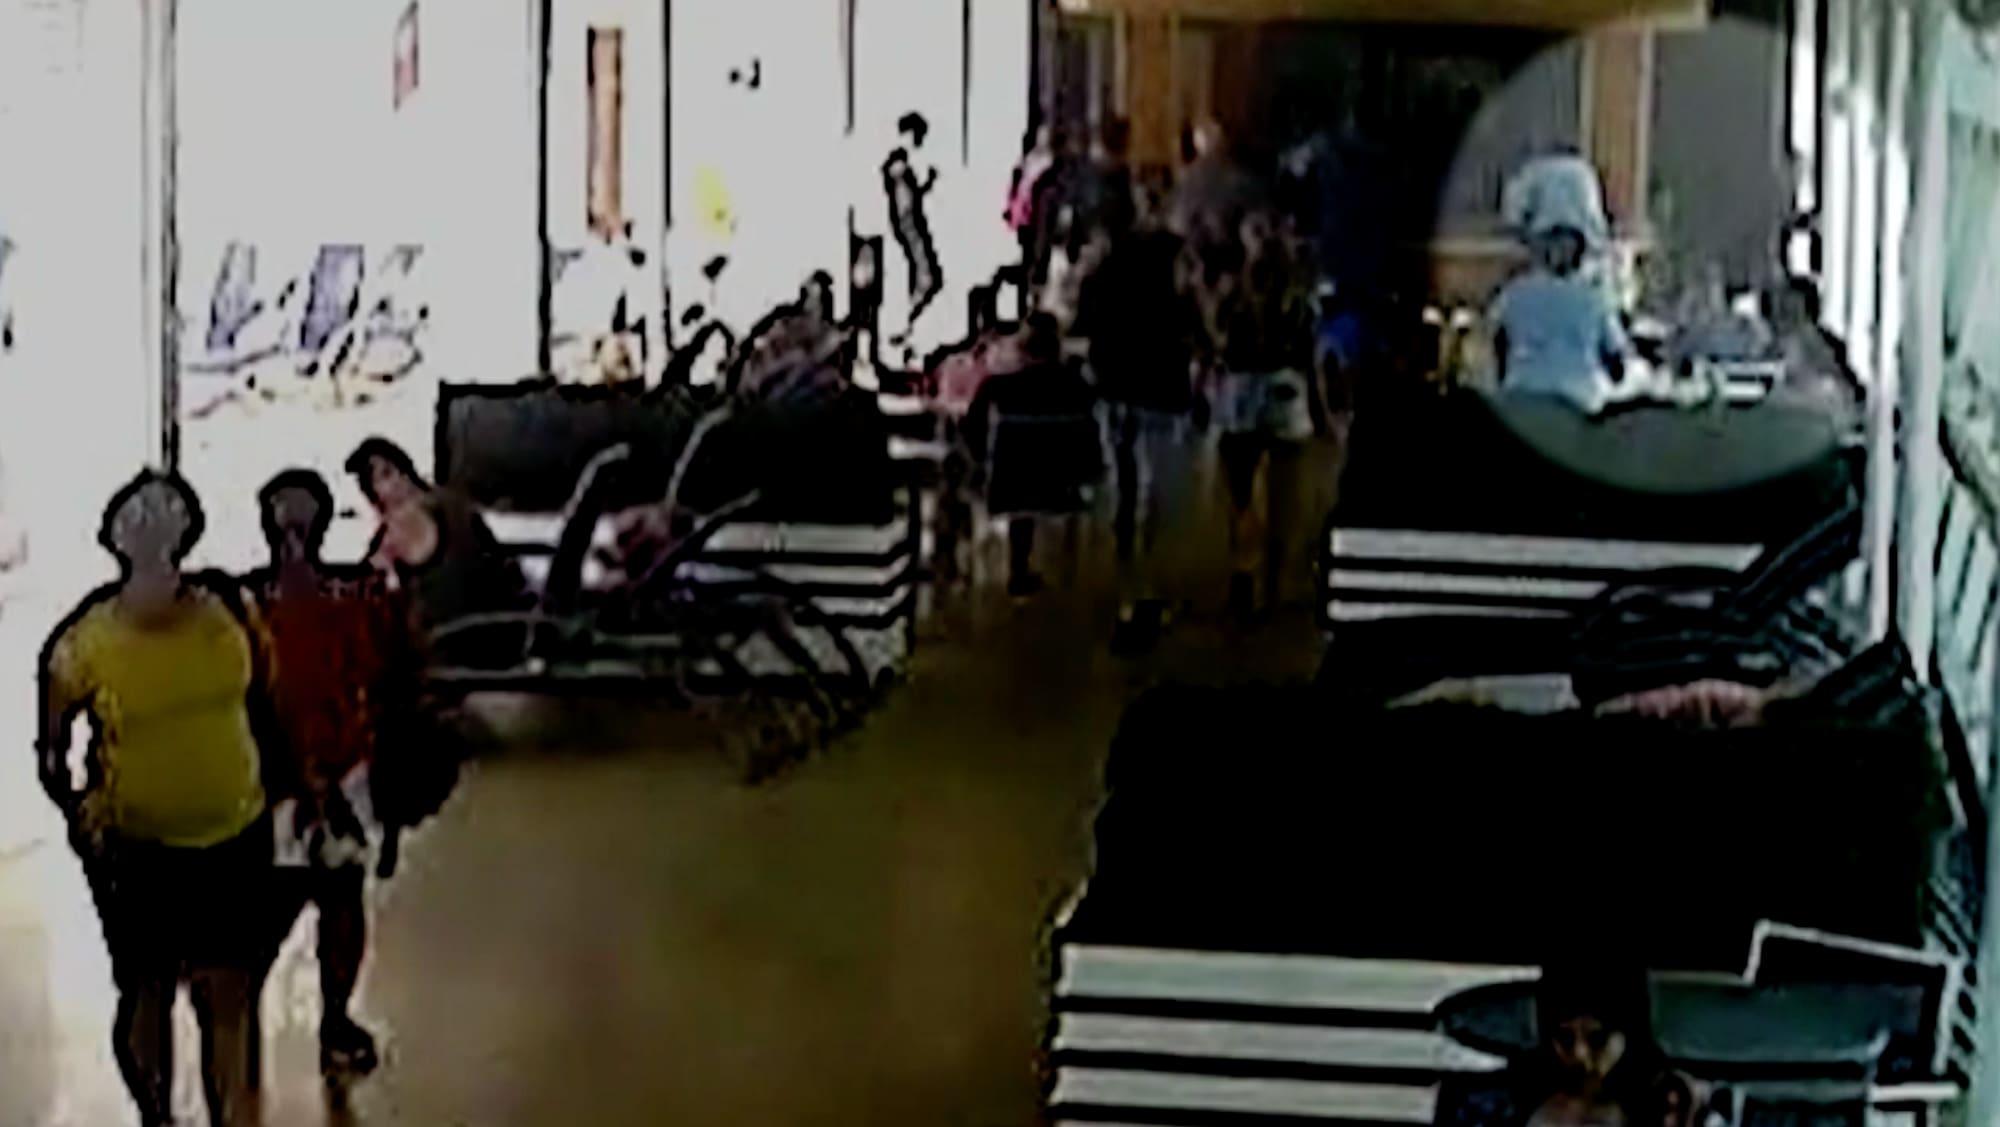 Überwachungsvideo: Chloes Familie bezichtigt Reederei der Lüge